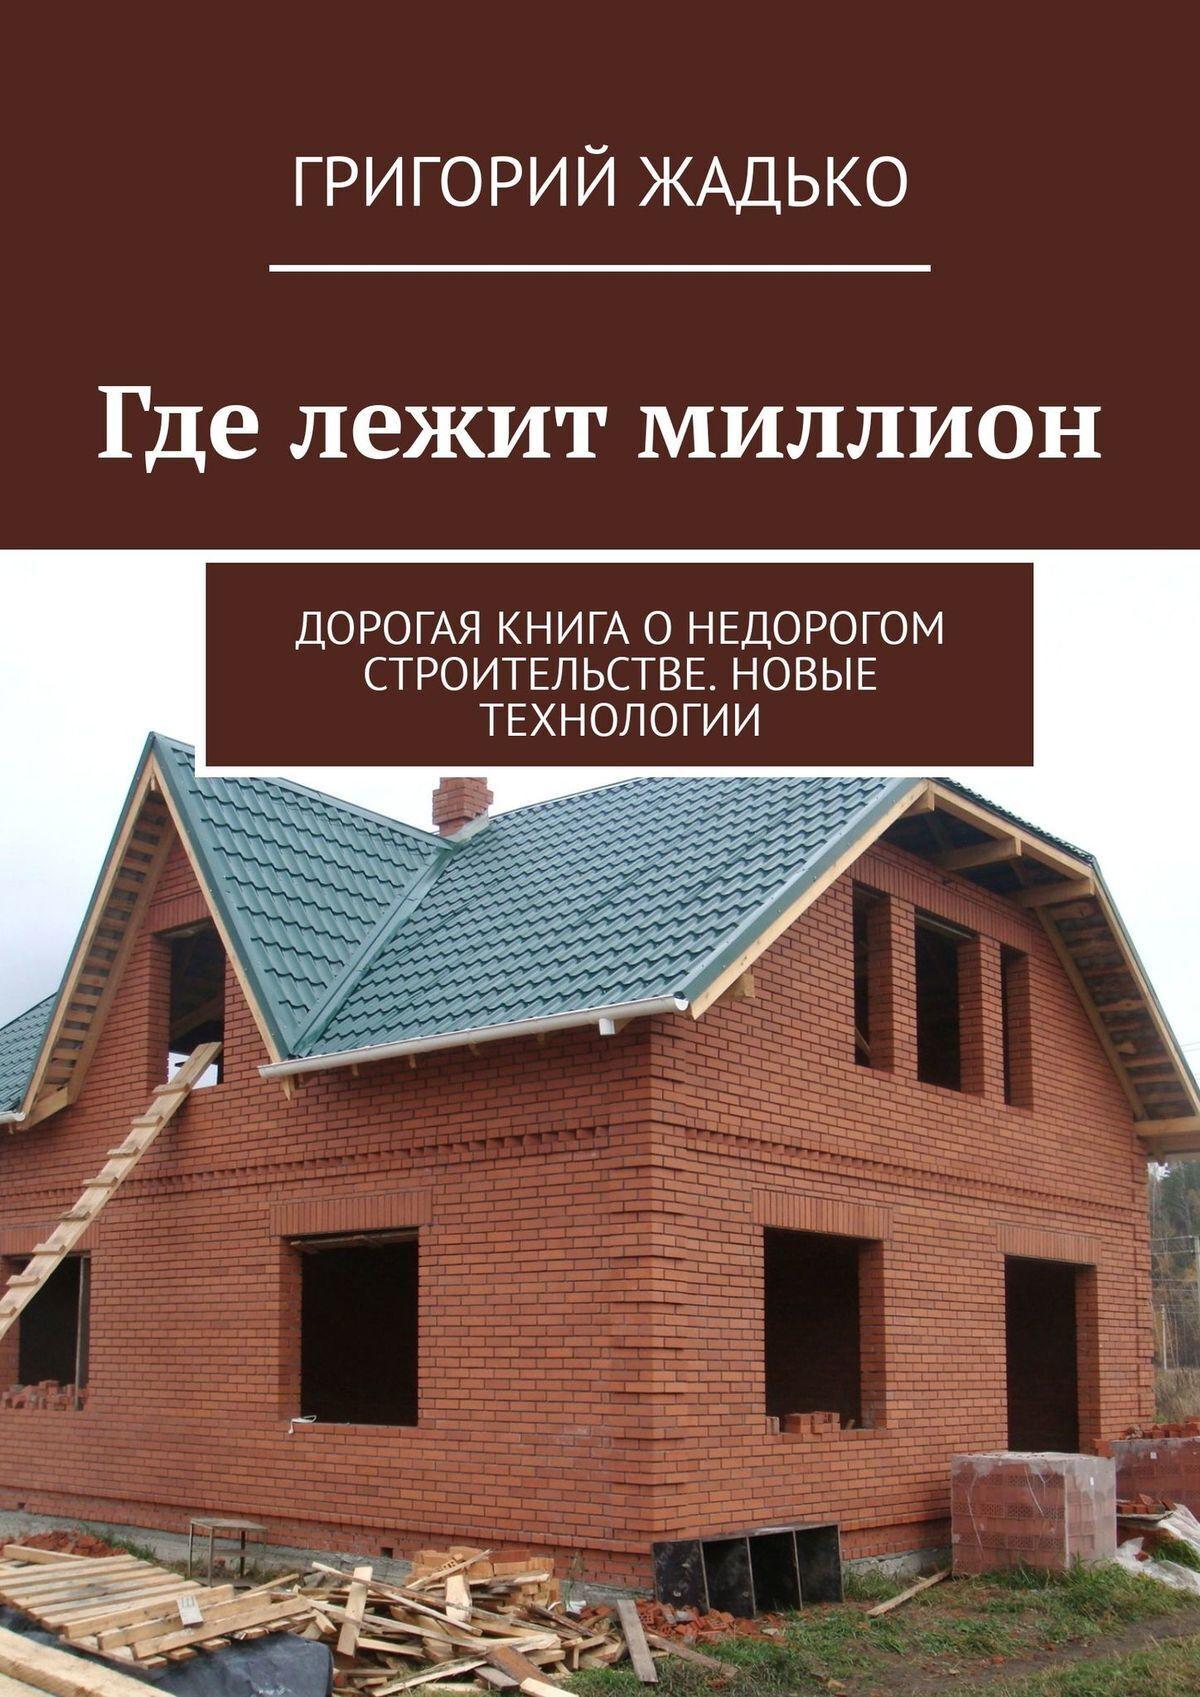 Григорий Жадько Где лежит миллион. Дорогая книга онедорогом строительстве. Новые технологии.